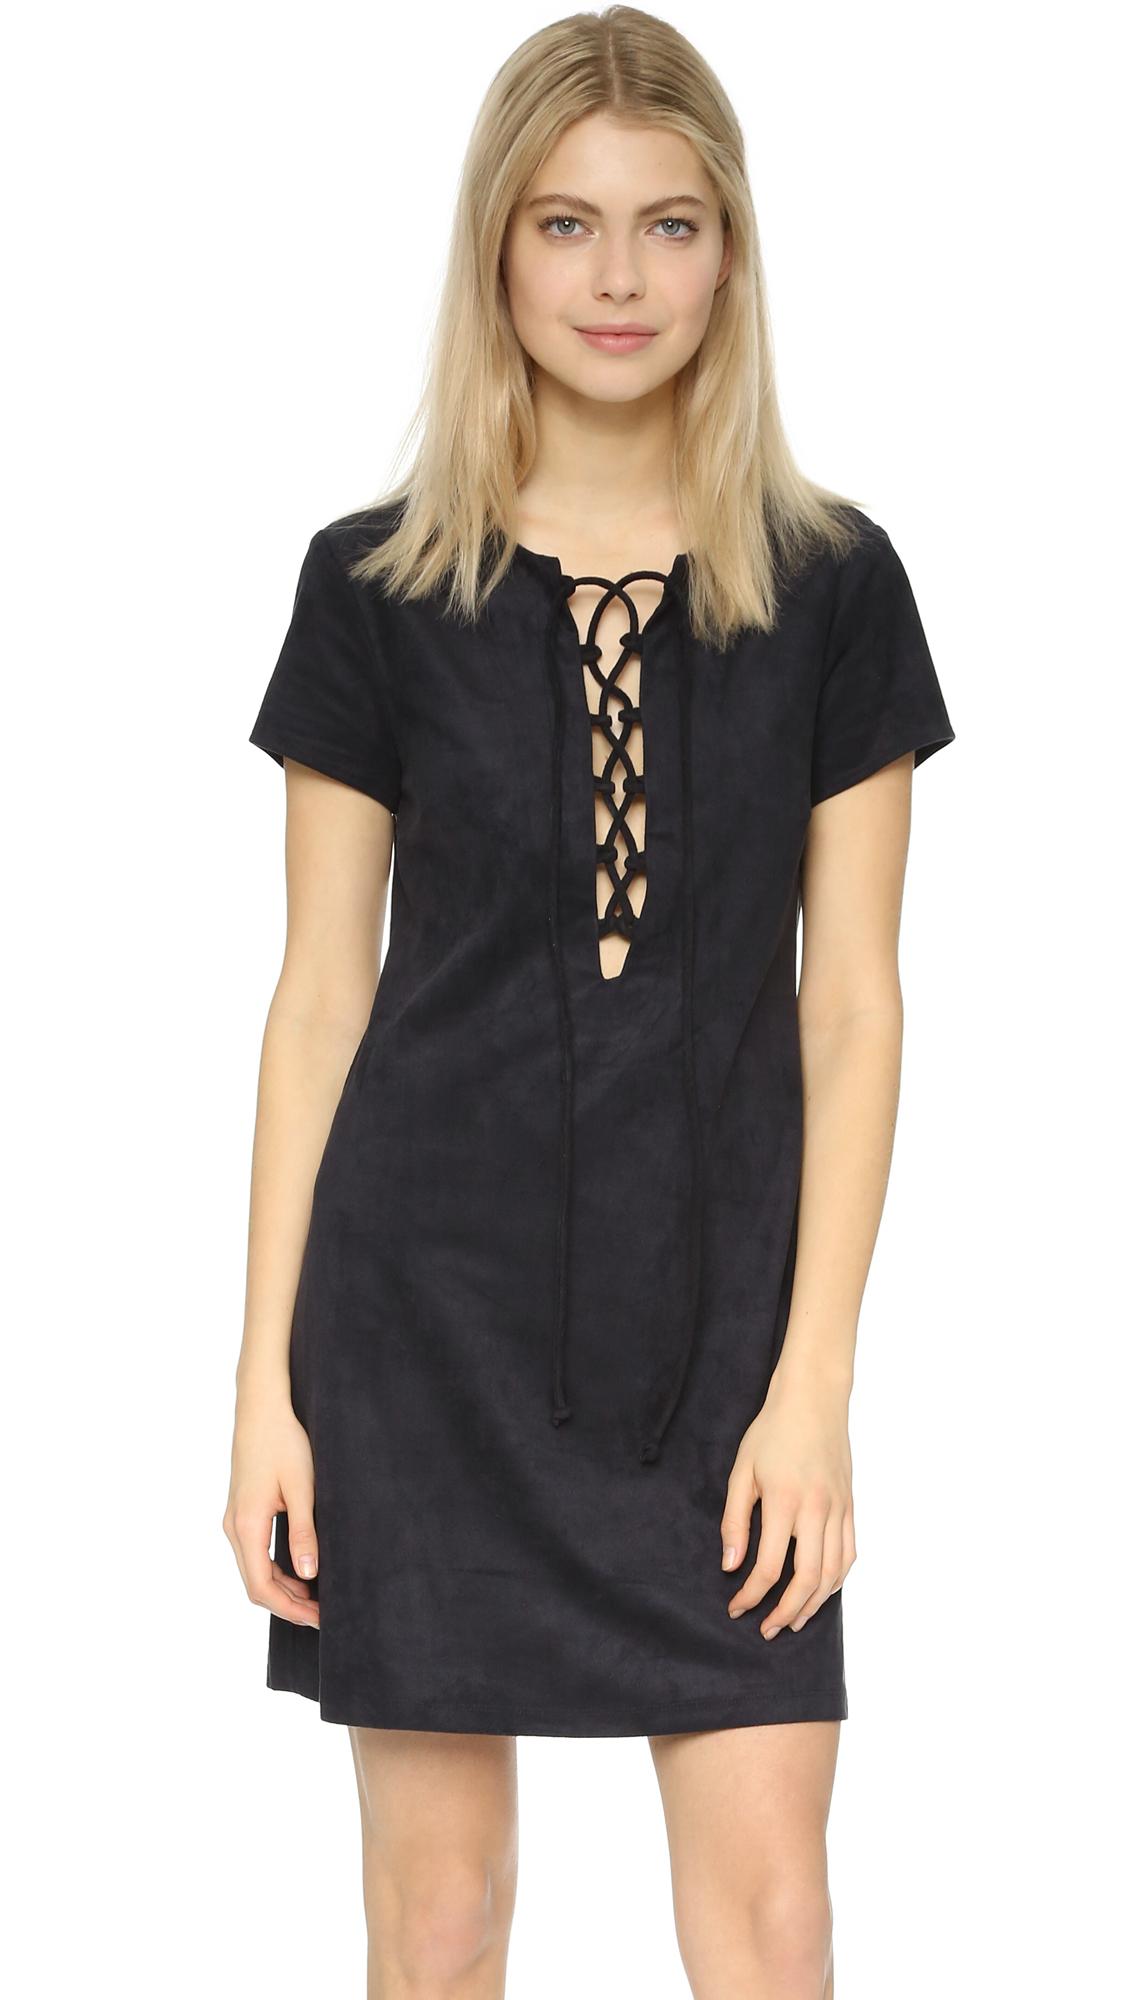 Wayf Faux Suede Lace Up Shift Dress Shopbop